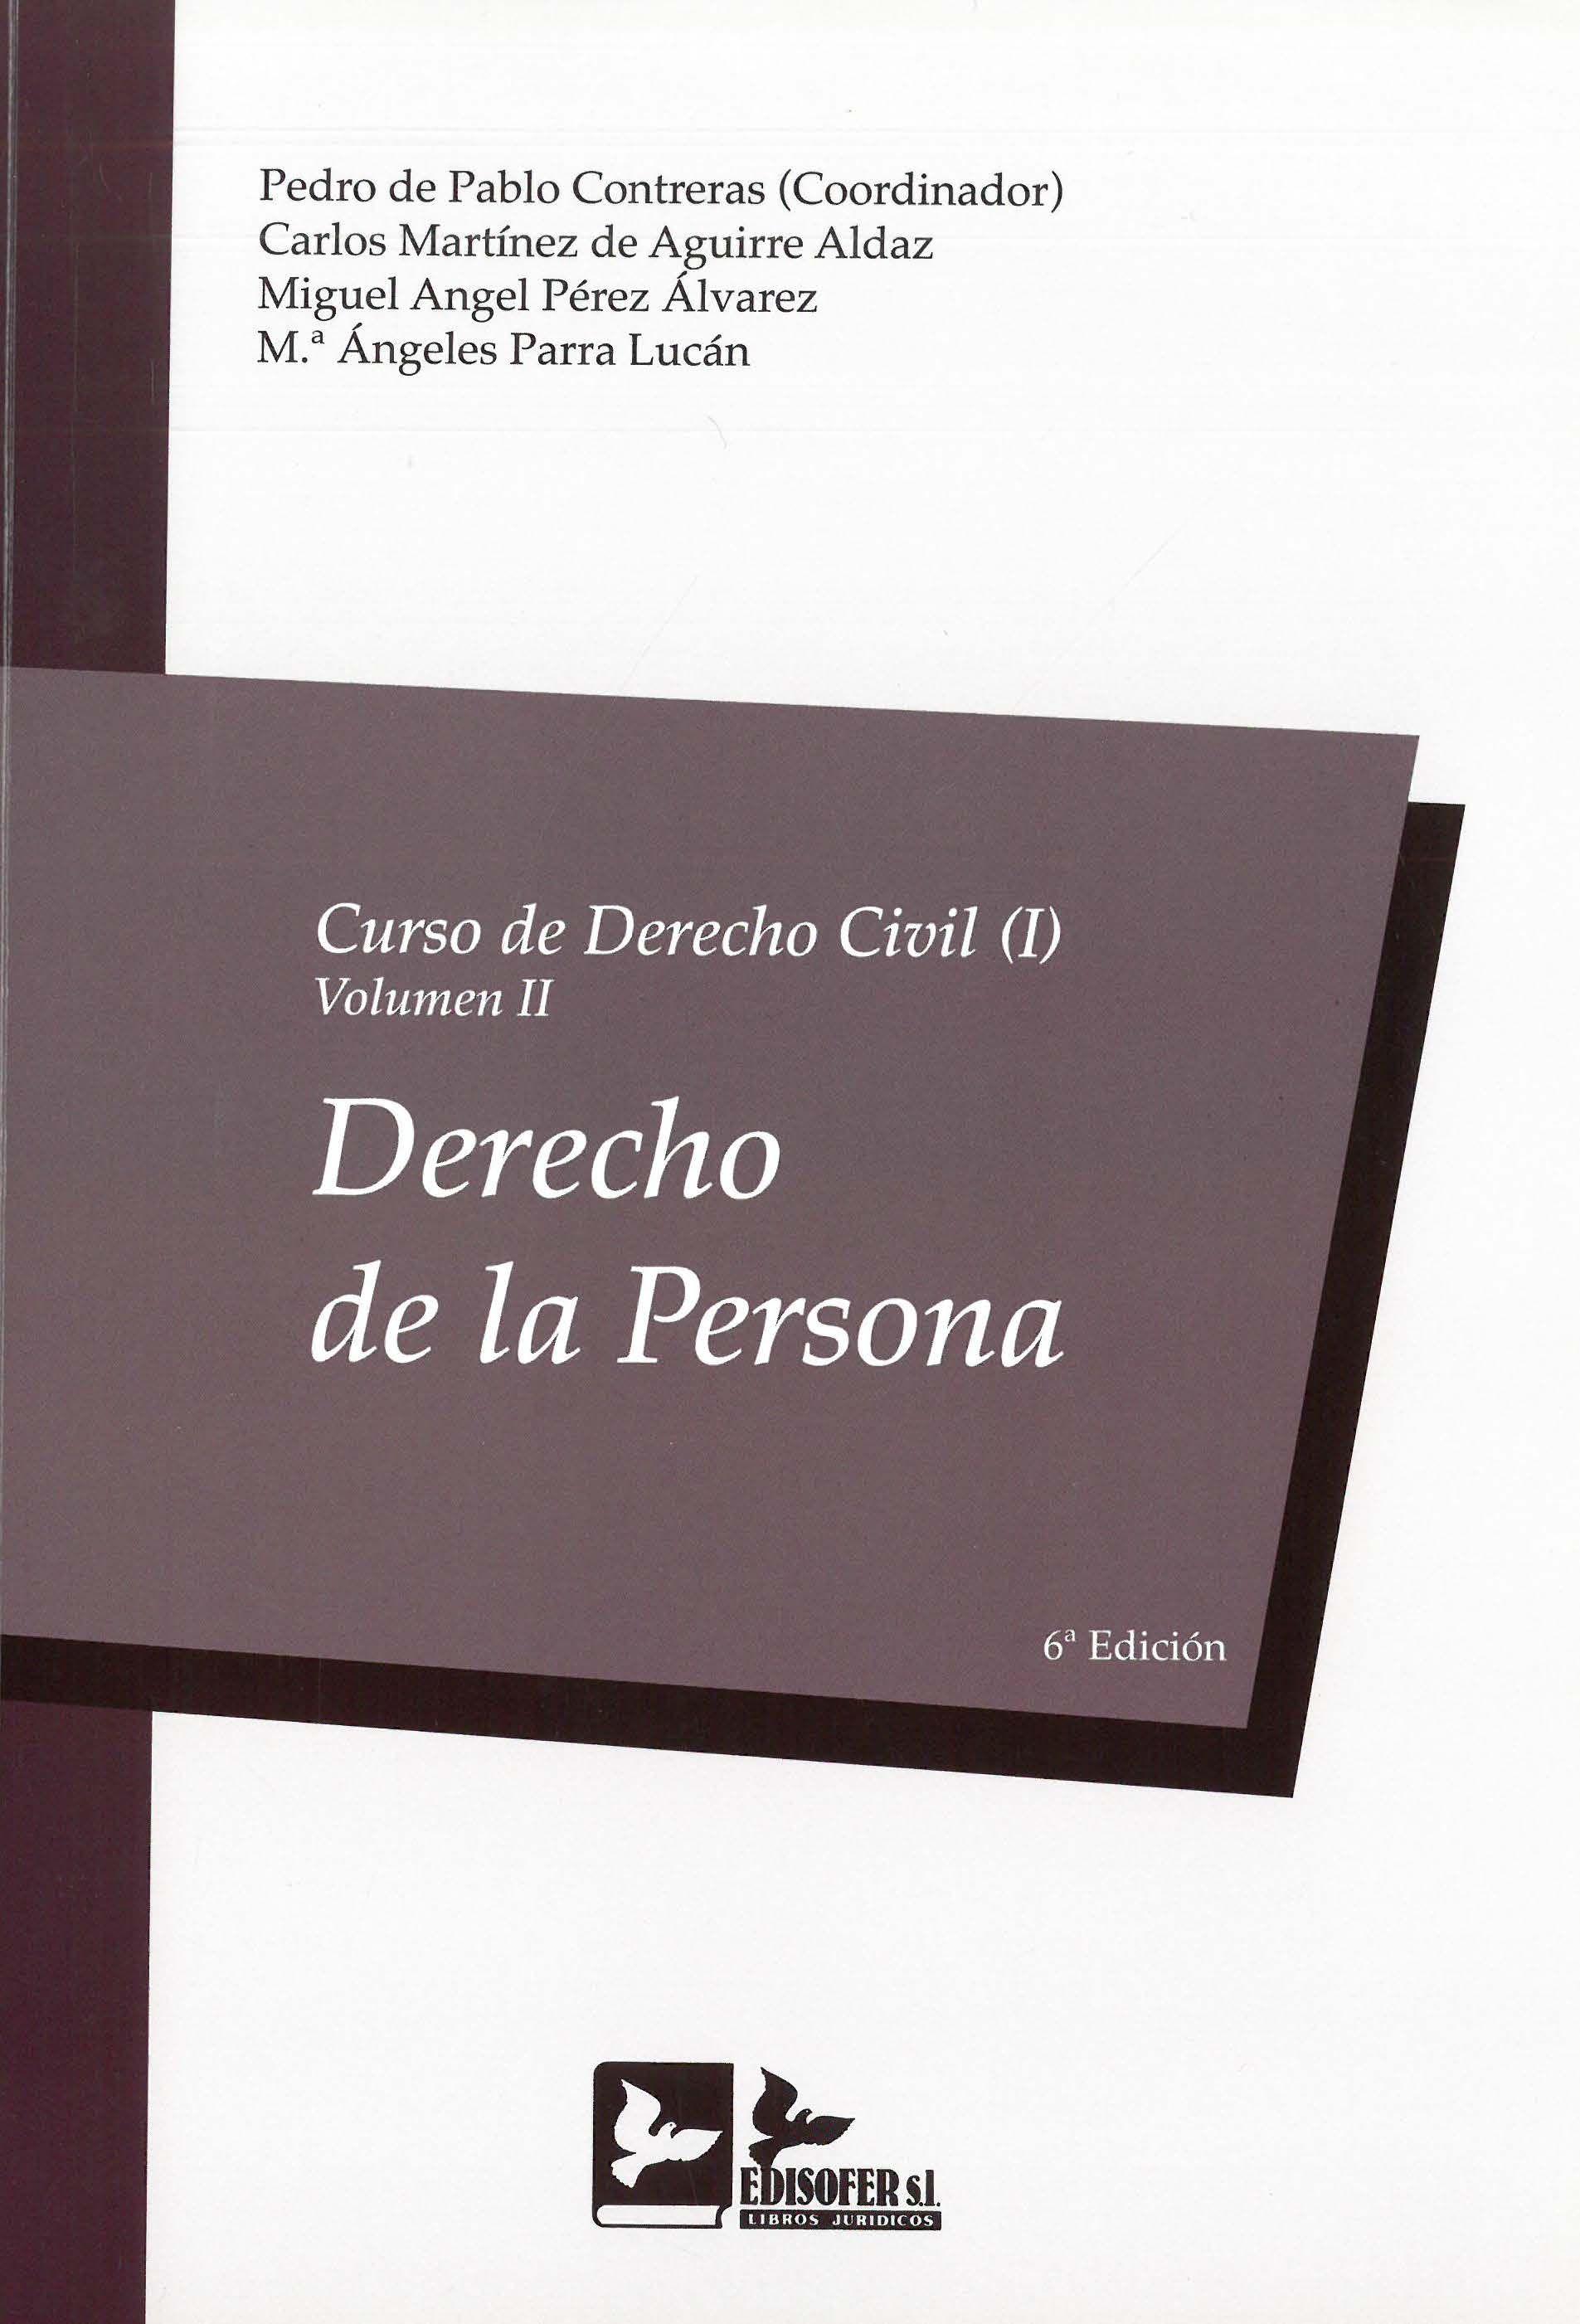 Curso De Derecho Civil Tomo I Volumen Ii Derecho De La Persona Pedro De Pablo Contreras Carlos Martínez De Aguirre Aldaz Miguel Angel P Jurídicos Autores